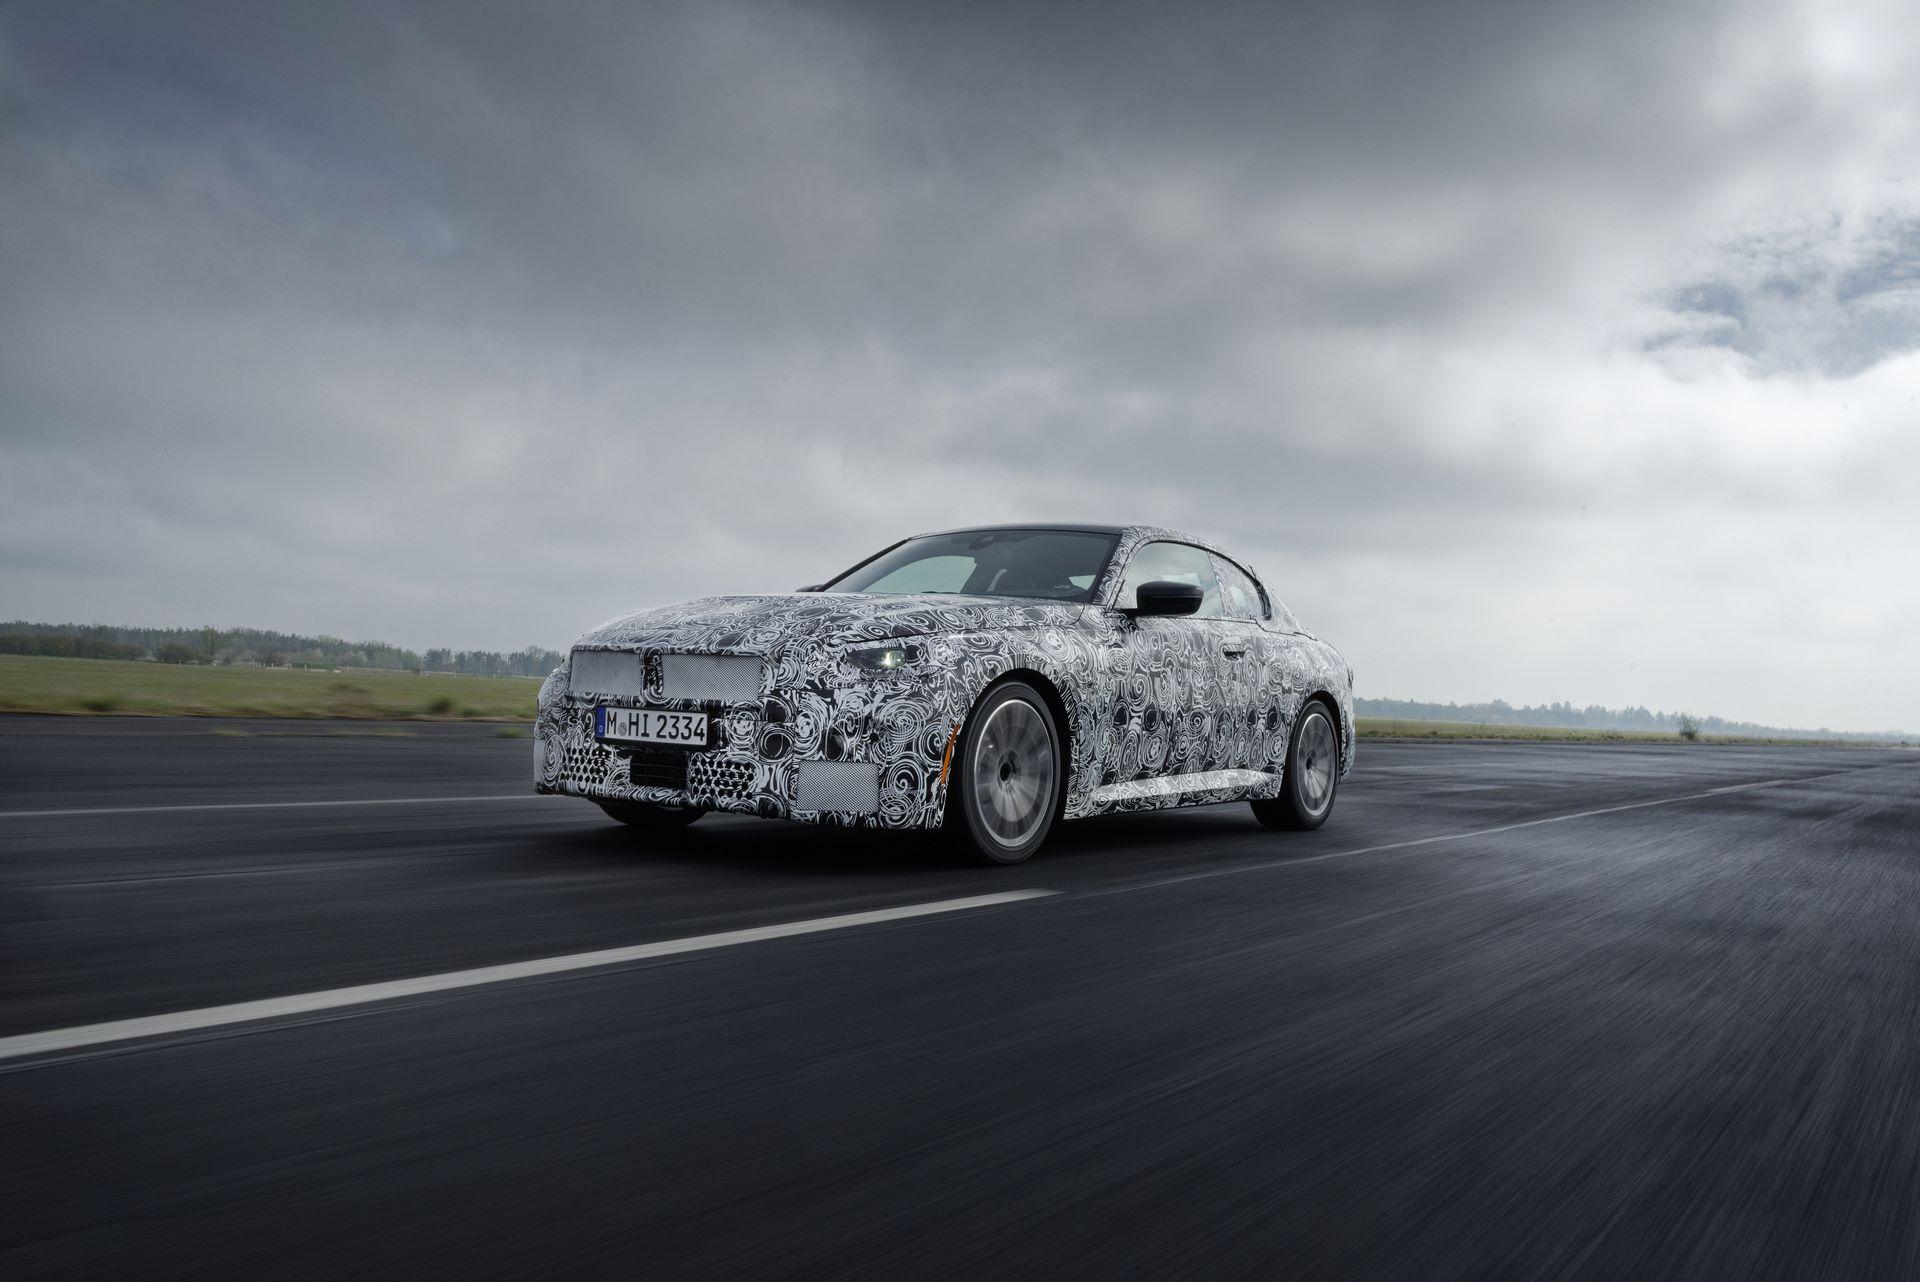 BMW-2-Series-M240i-spy-photos-1